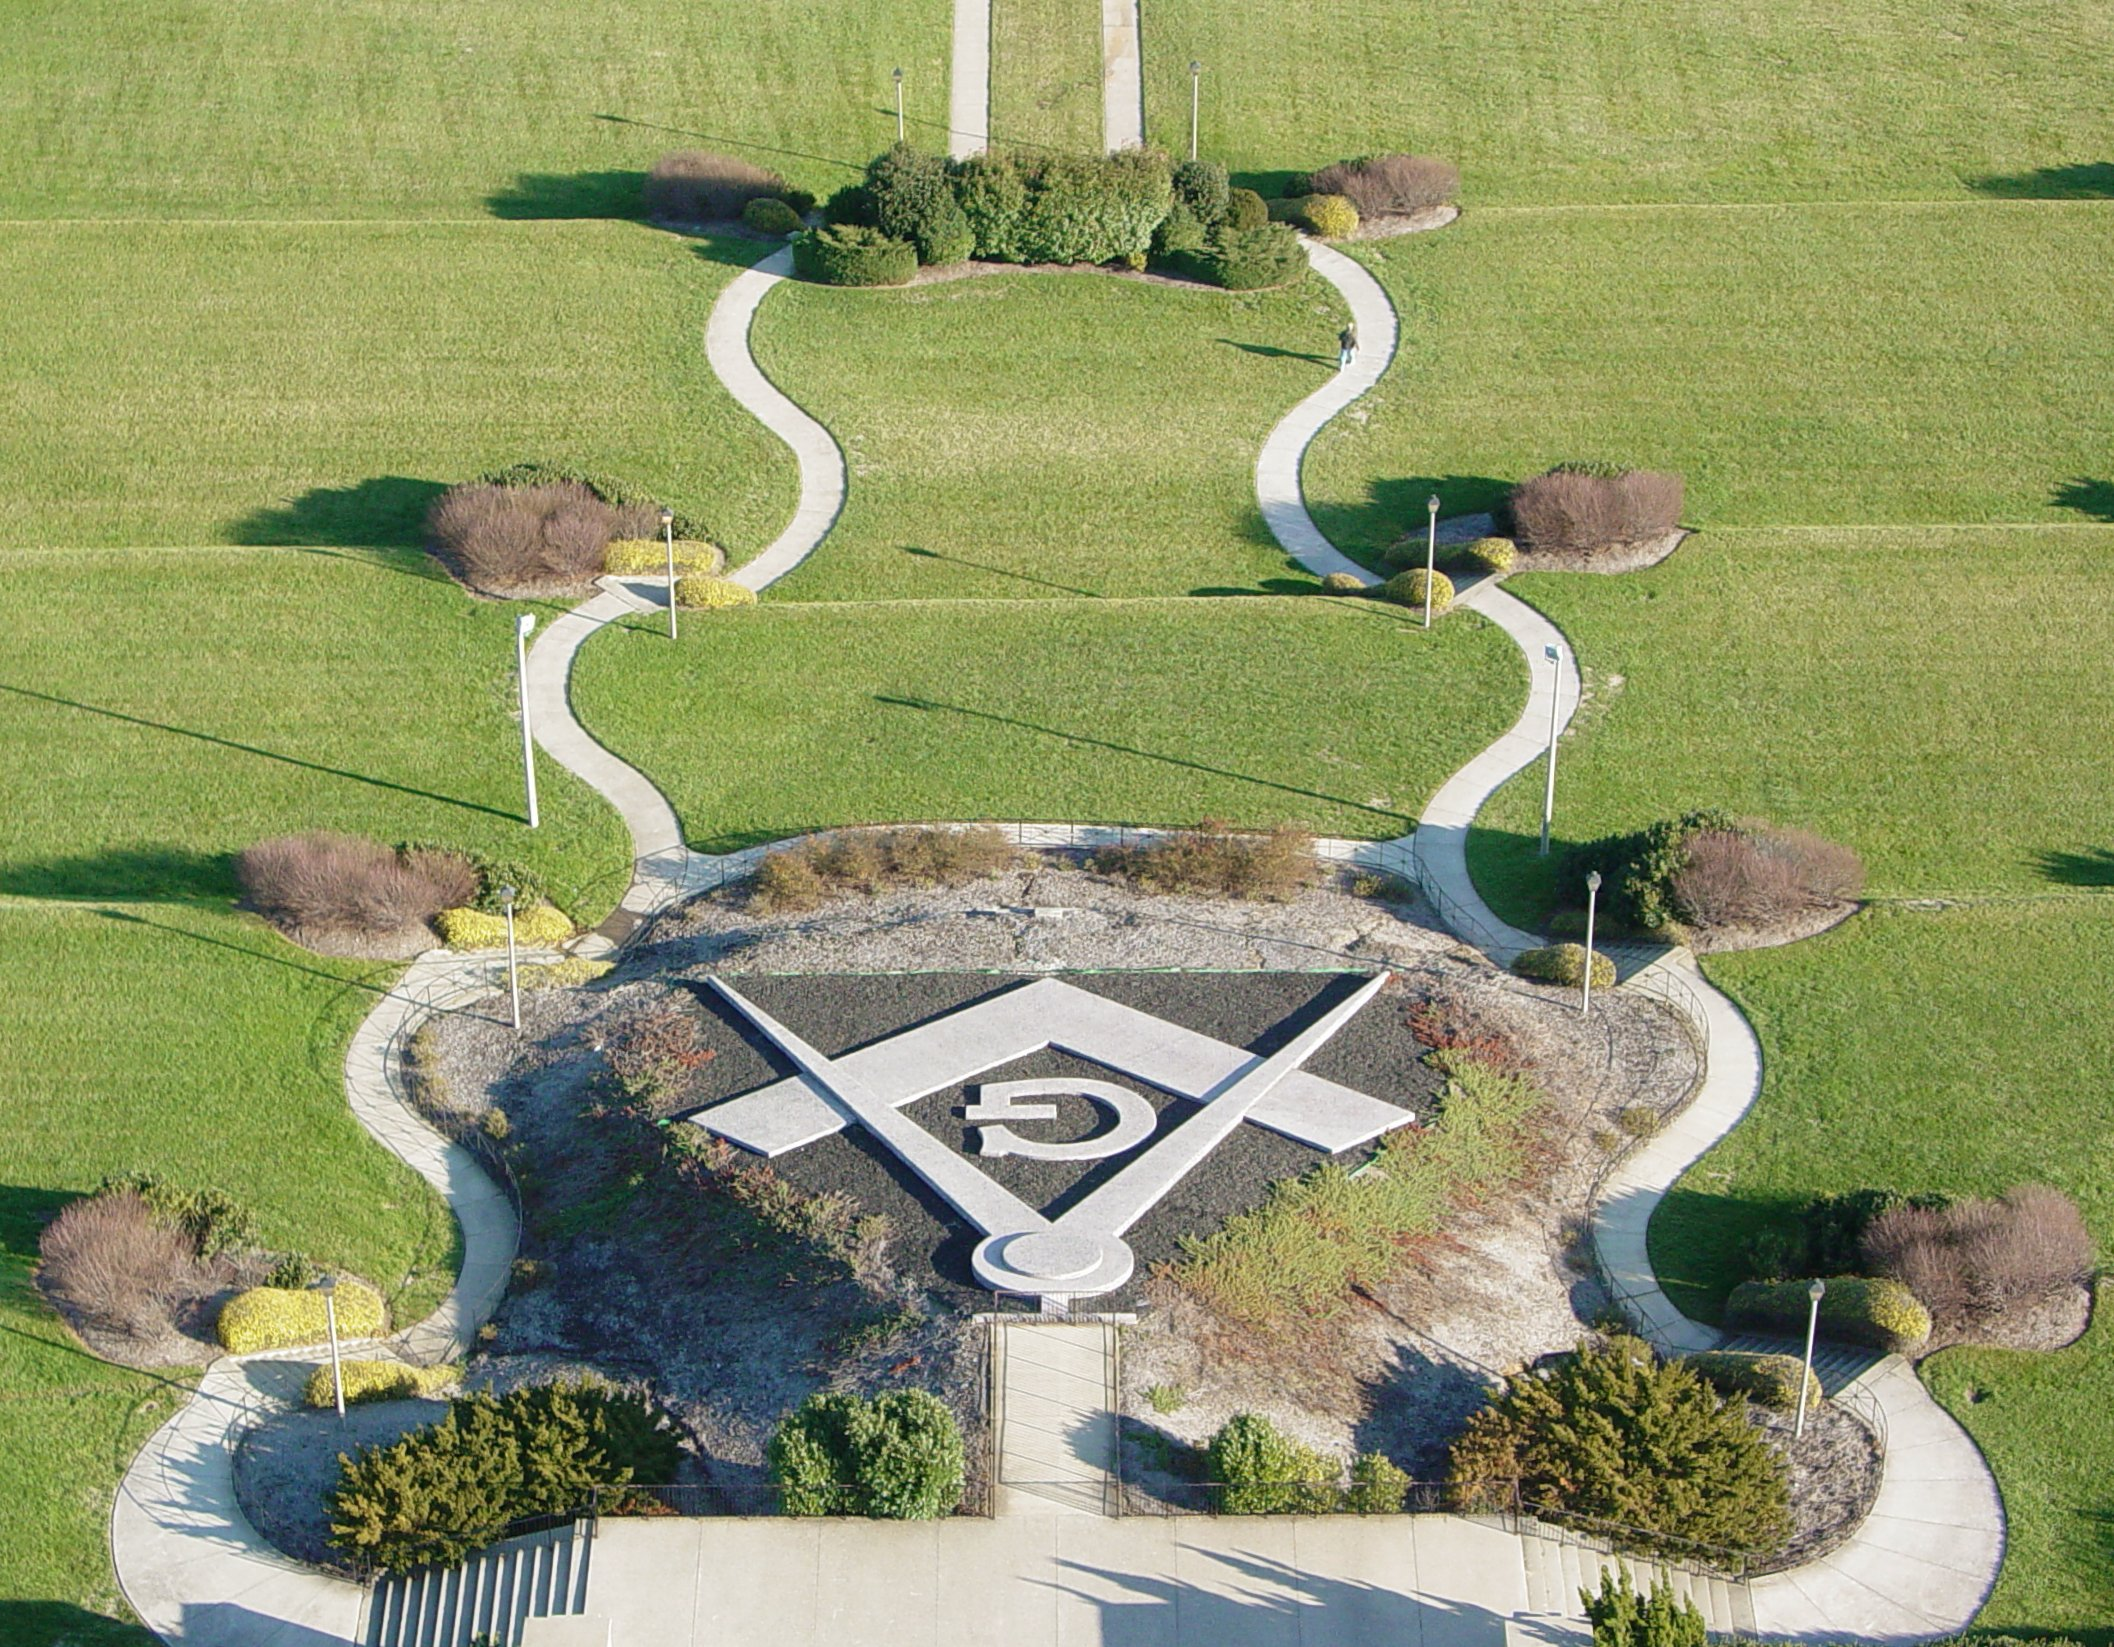 Il simbolo della squadra e del compasso nei giardini del George Washington Masonic National Memorial